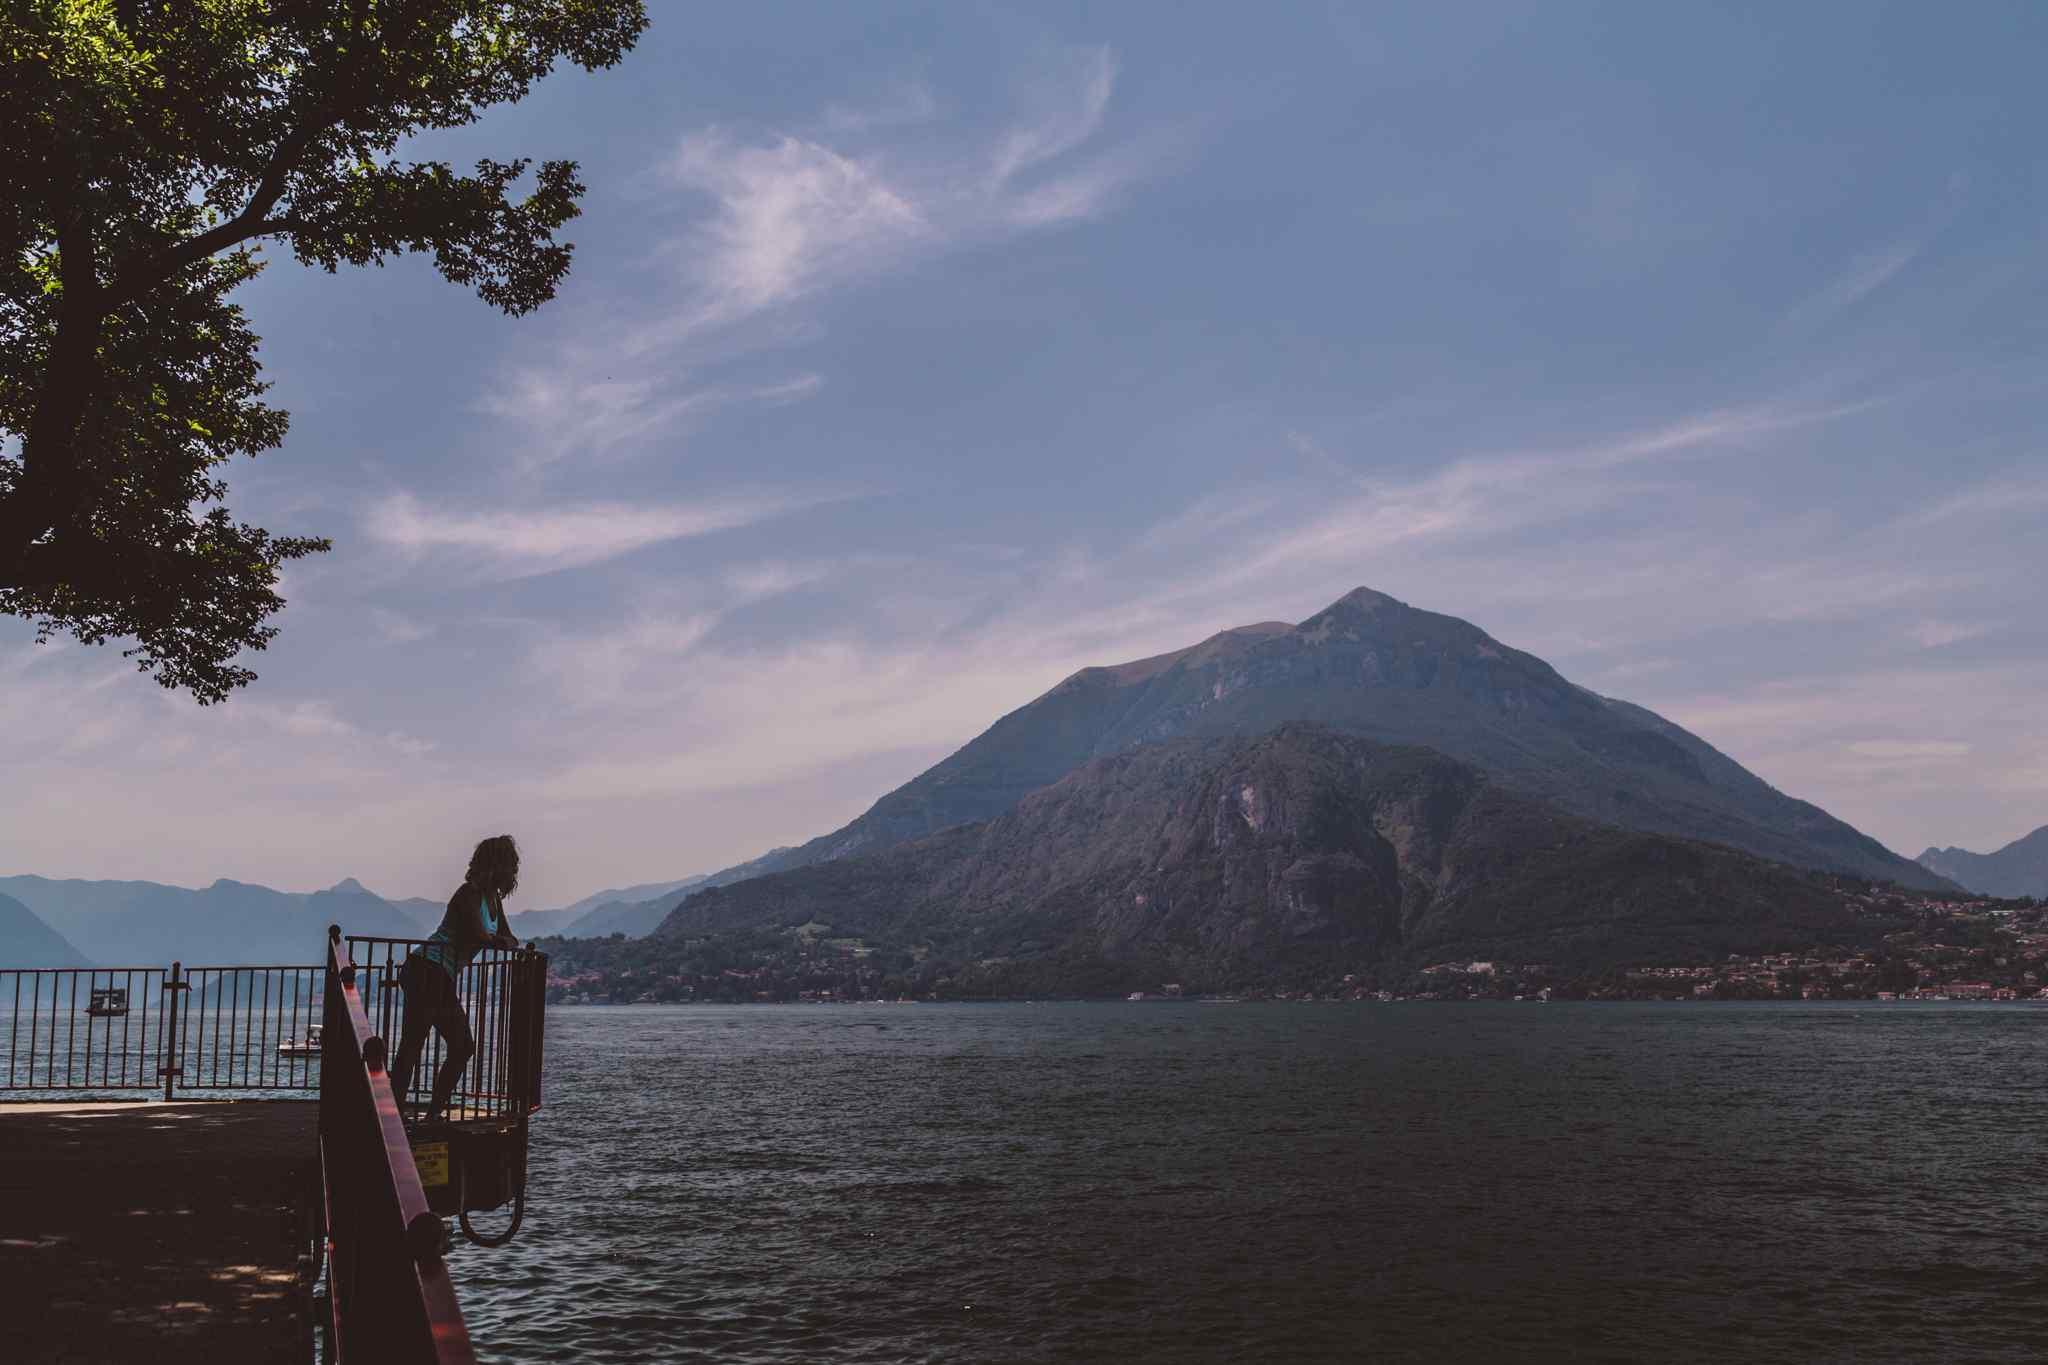 lake como, varenna, one day lake como, lake como to switzerland, menaggio, menaggio ferry, lake garda vs lake como